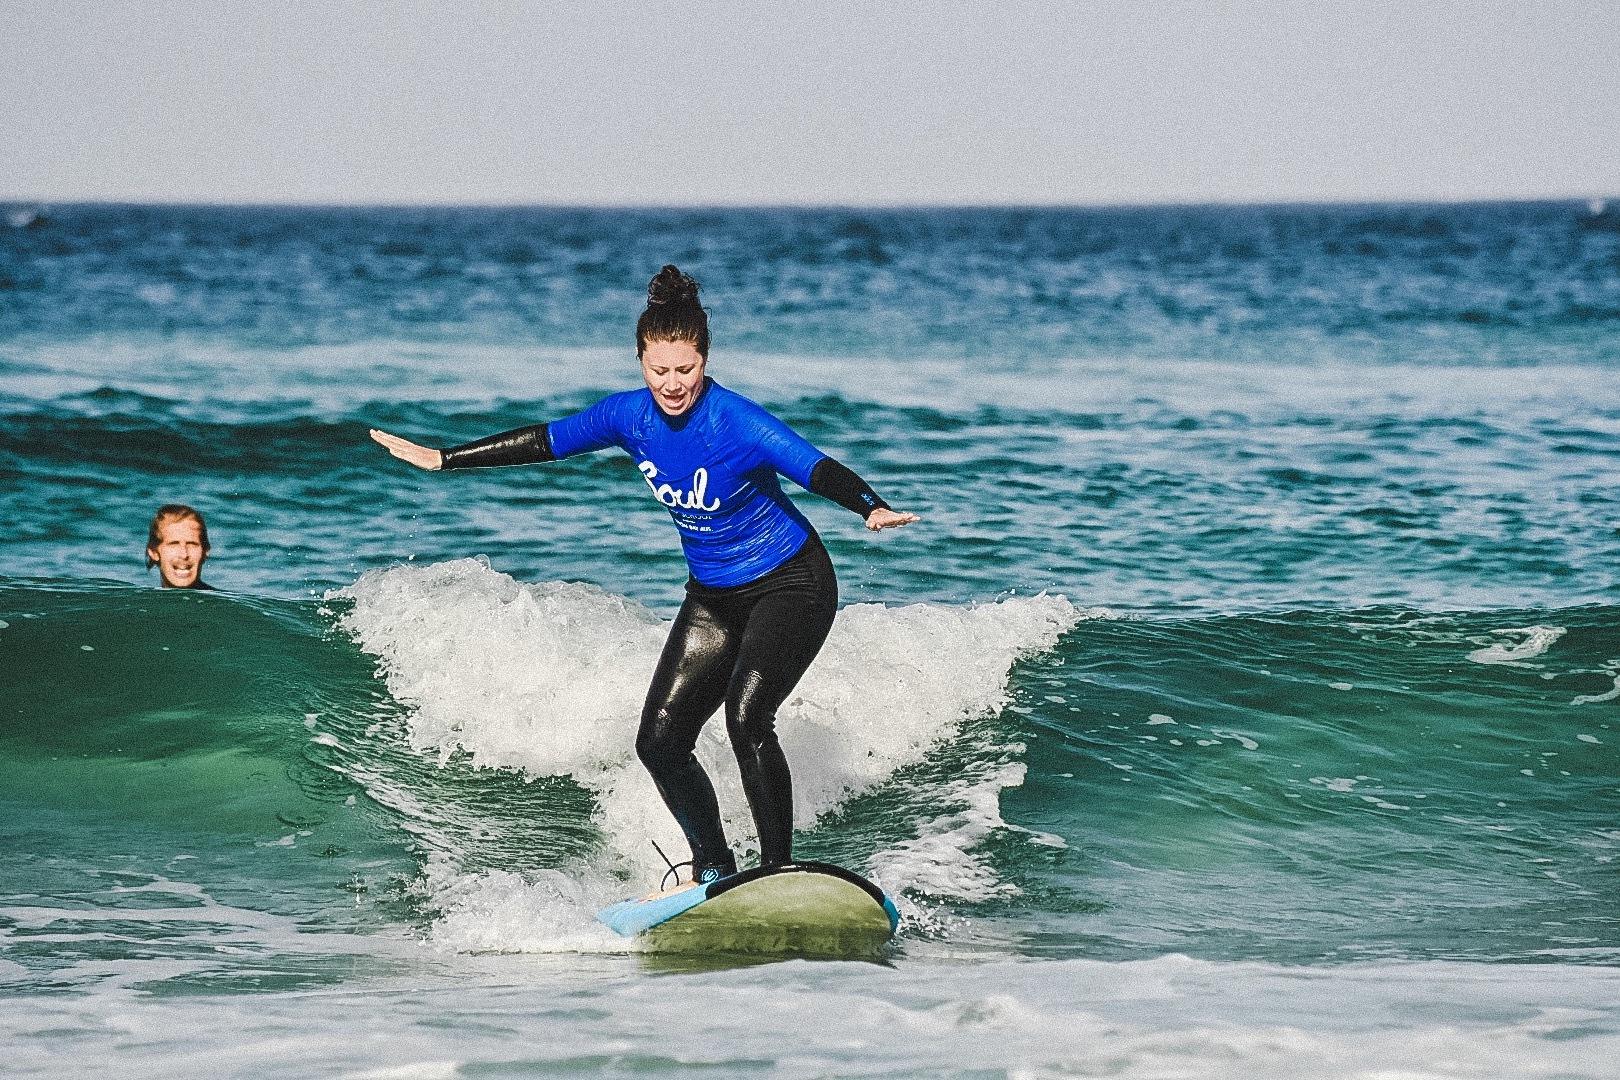 jami-surfing-at-byron-bay